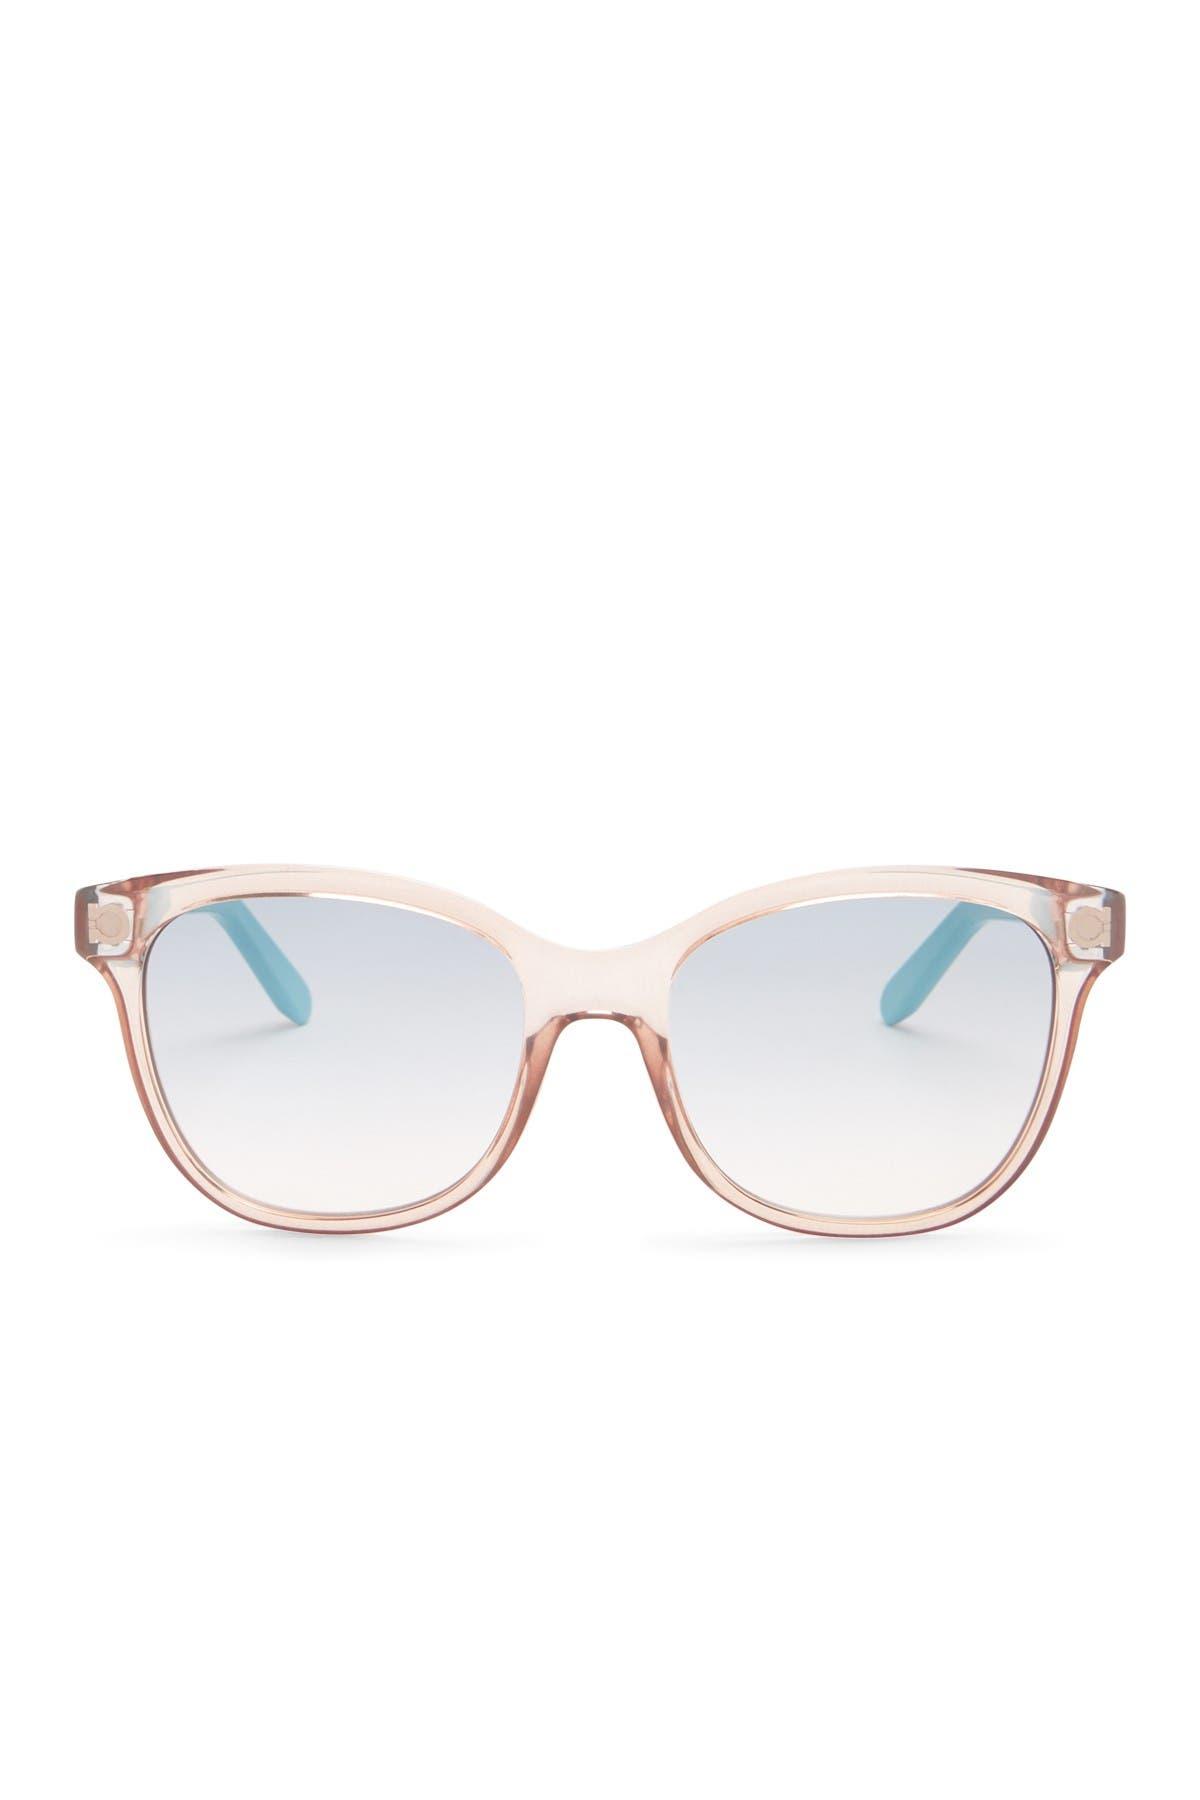 Image of Salvatore Ferragamo 55mm Plastic Cat Eye Sunglasses